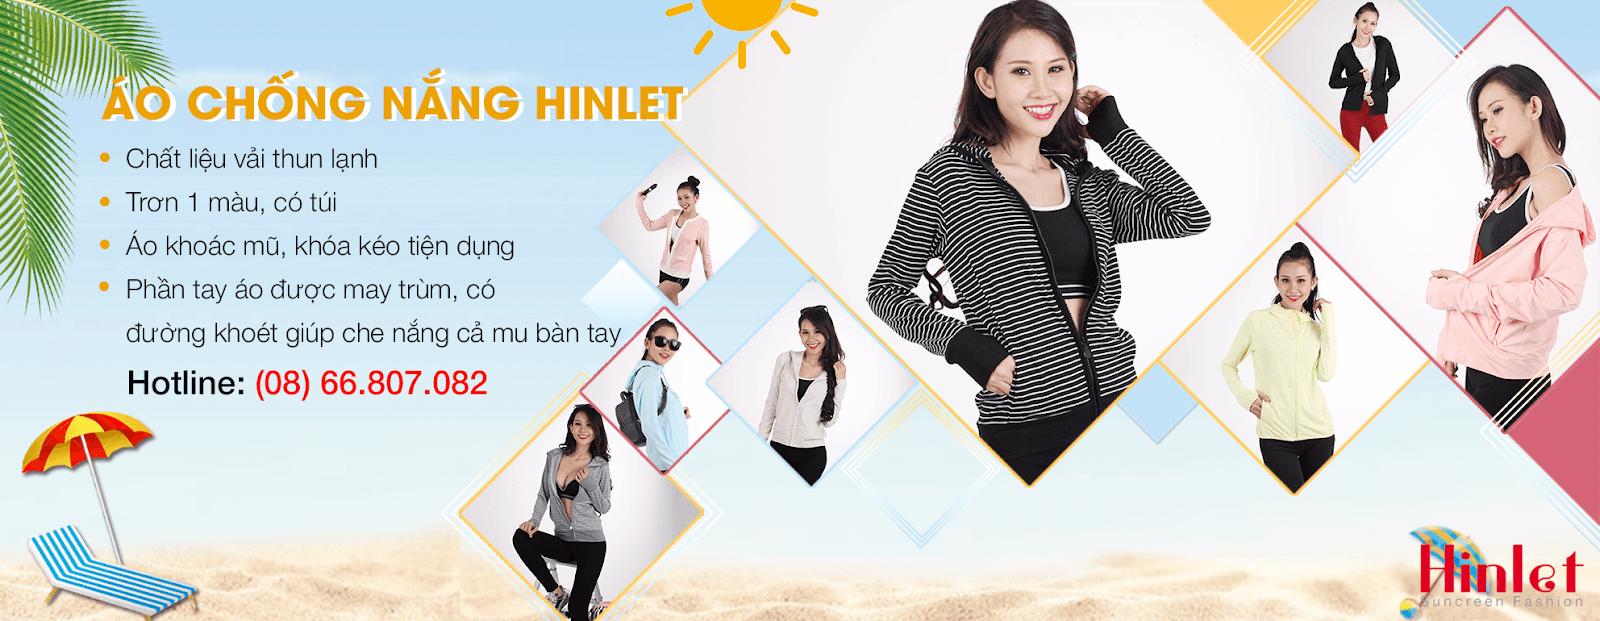 ÁO-CHỐNG-NẮNG-HINLET-thong-minh.png